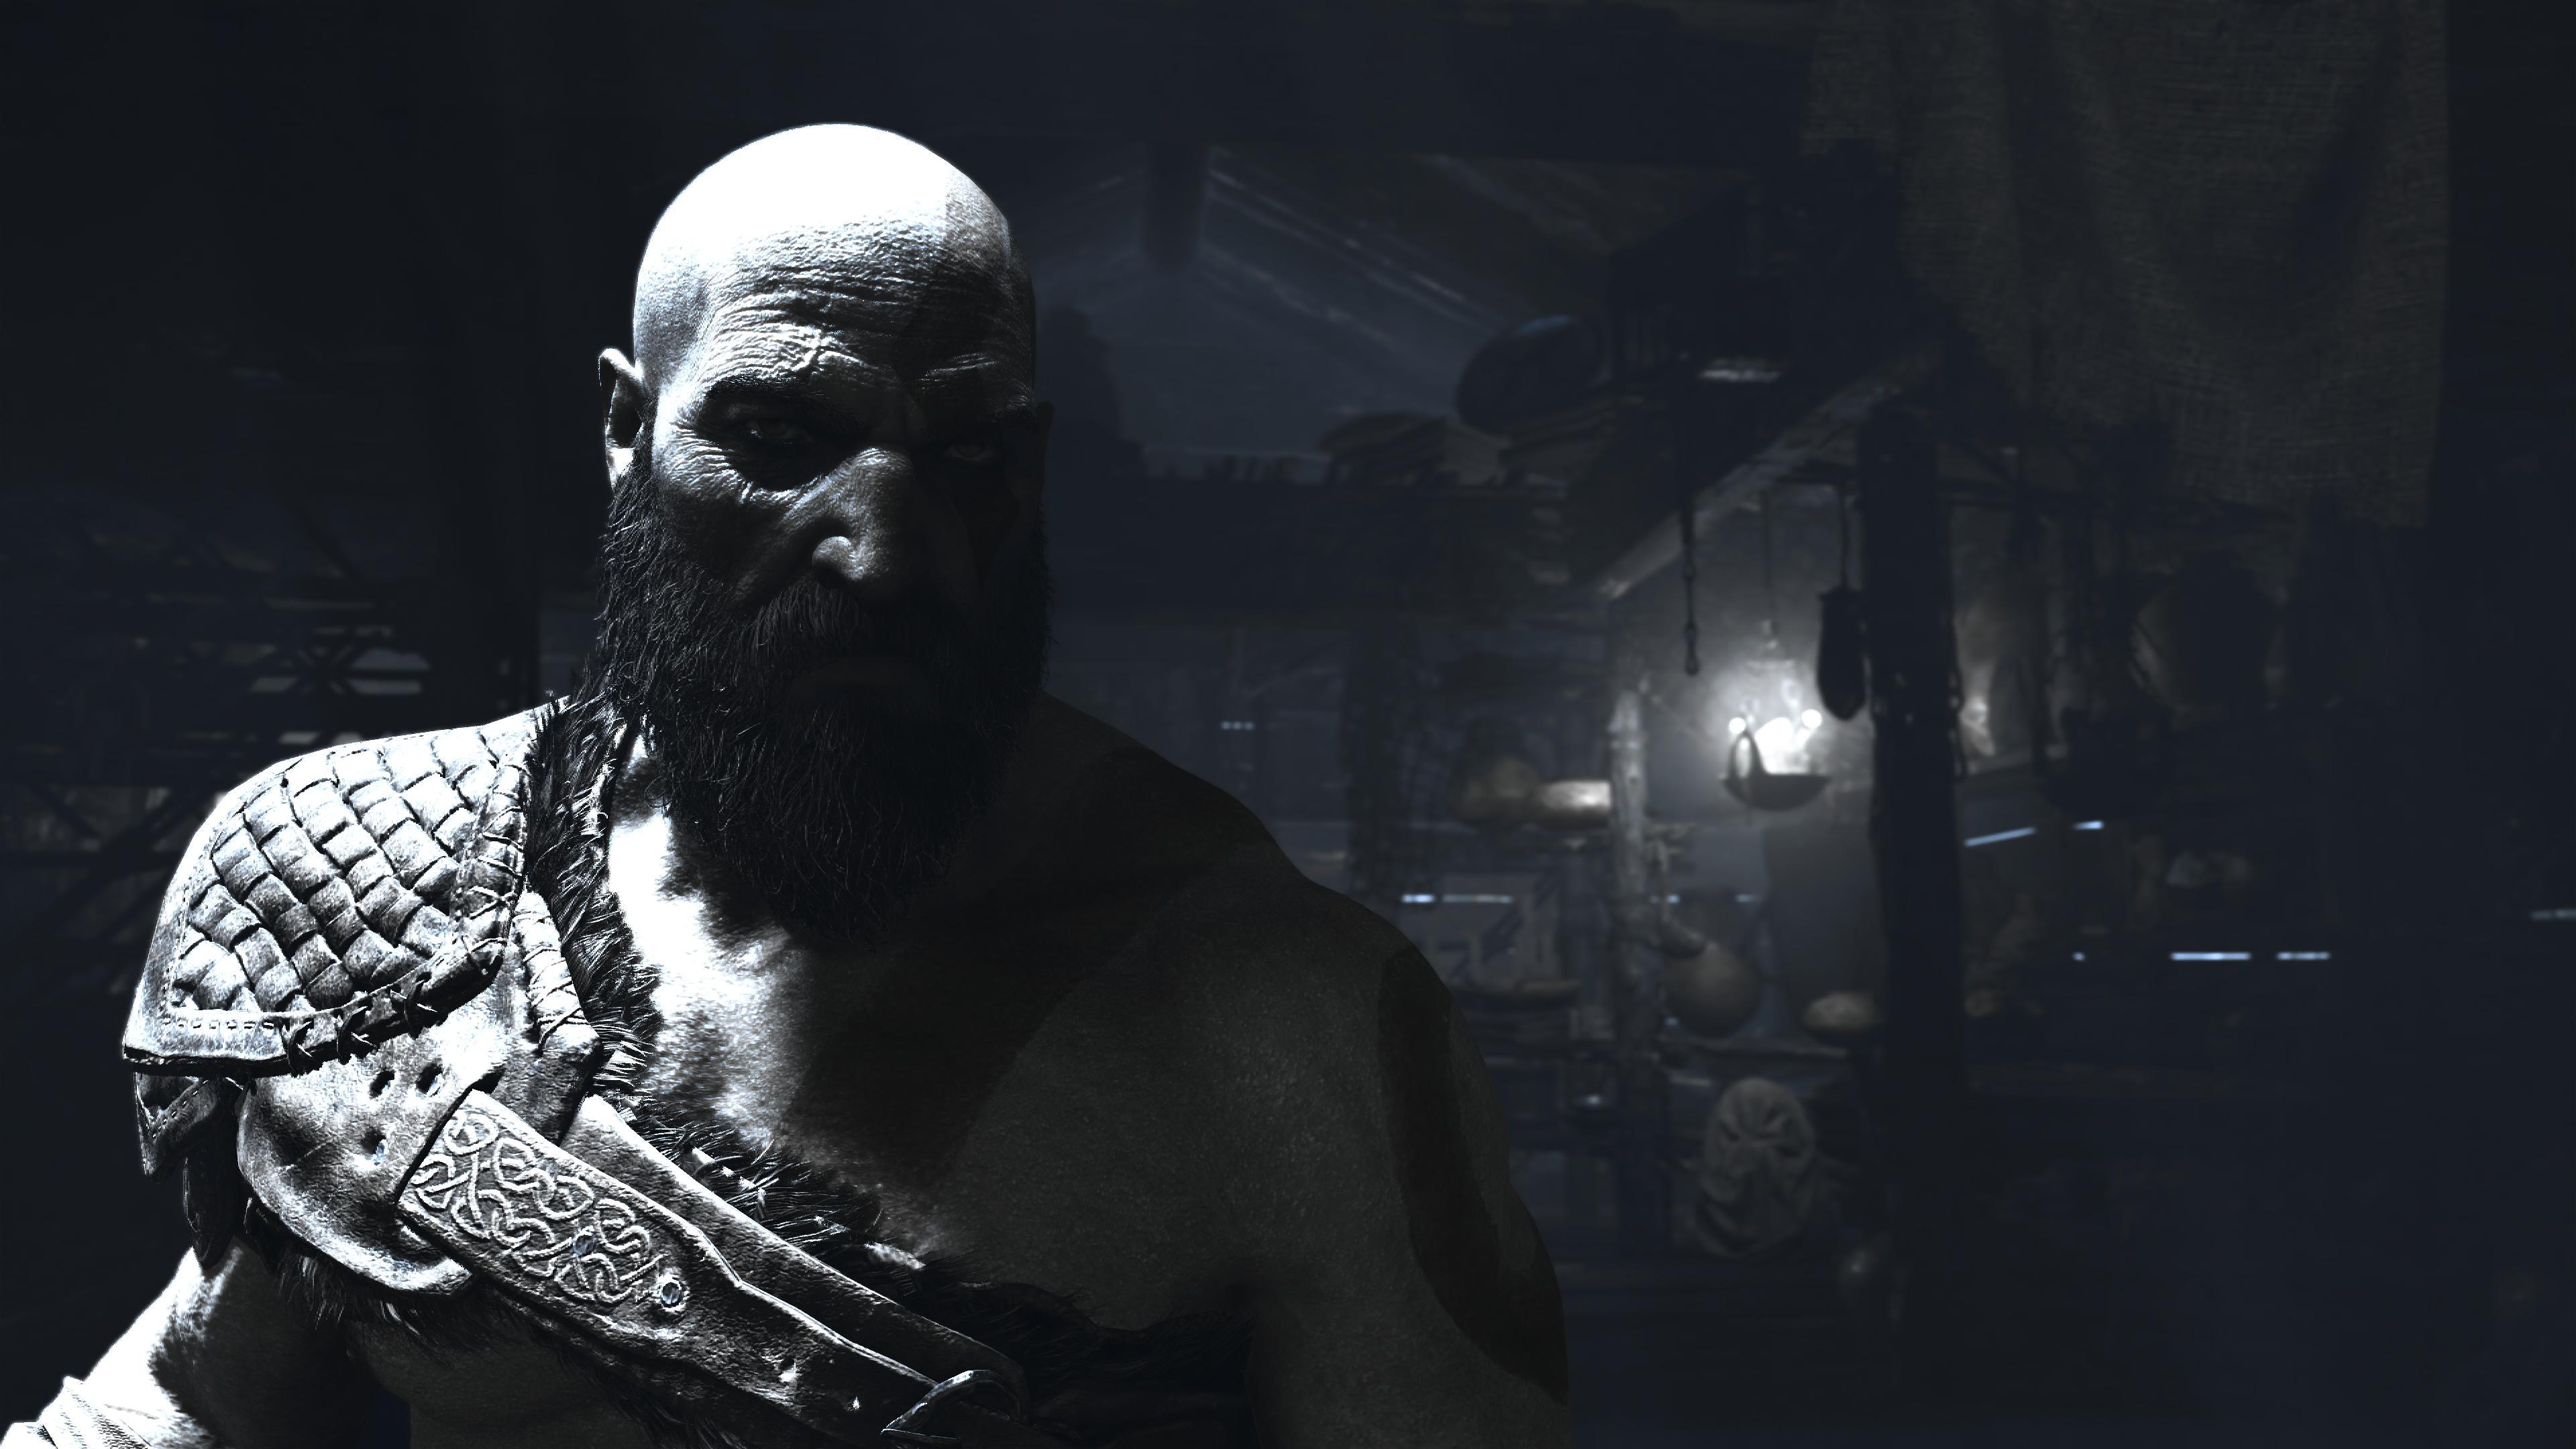 Игрокам не терпится увидеть продолжение приключений Кратоса /скриншот